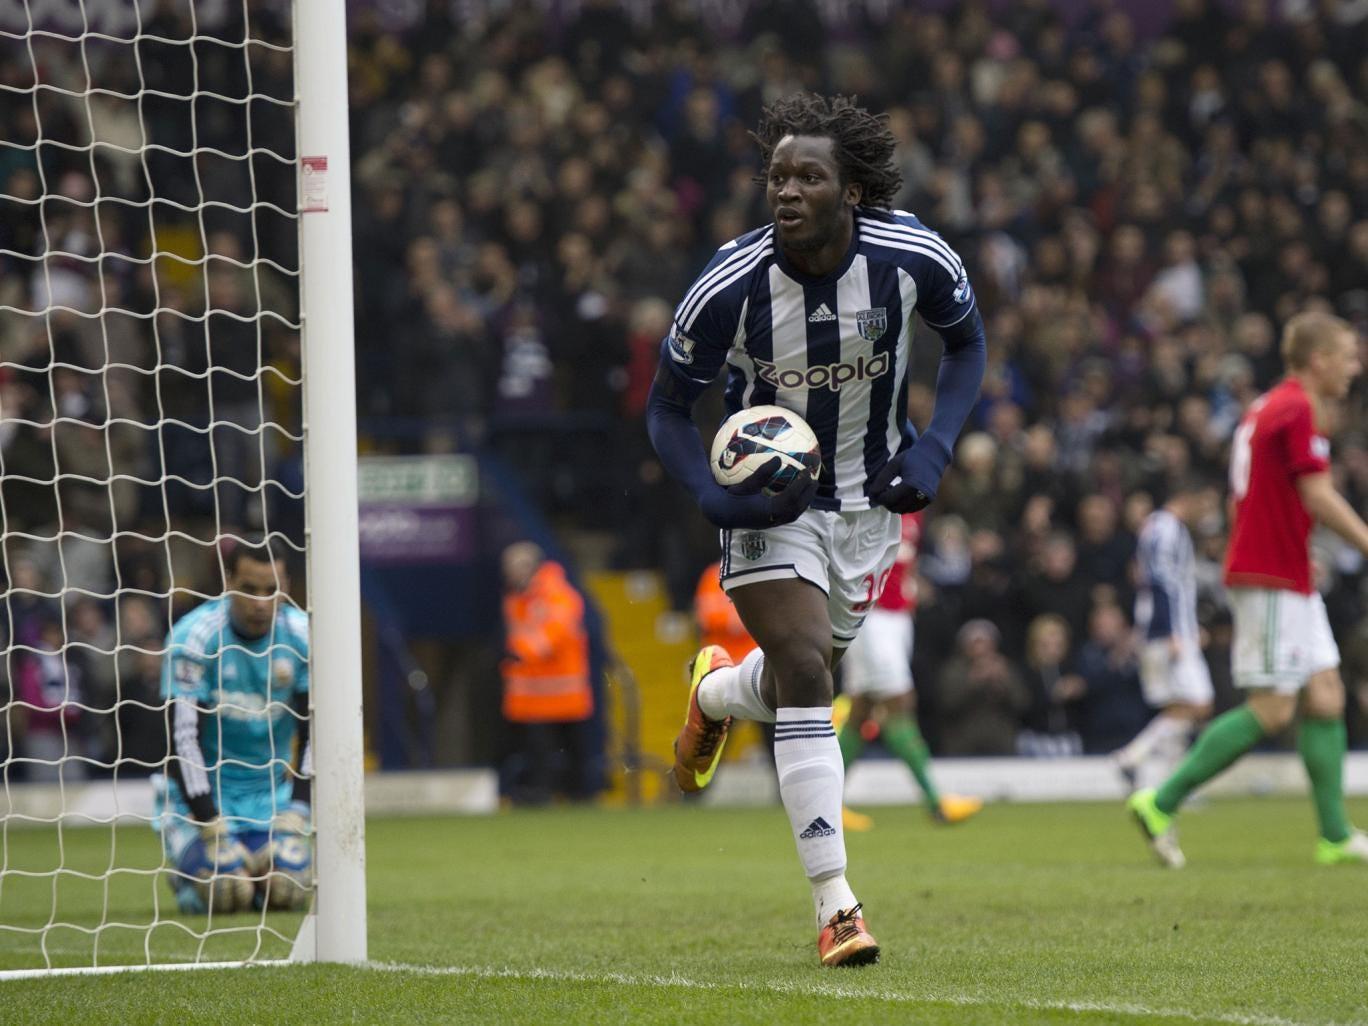 West Bromwich Albion's Belgian striker Romelu Lukaku (C) runs to celebrate after scoring